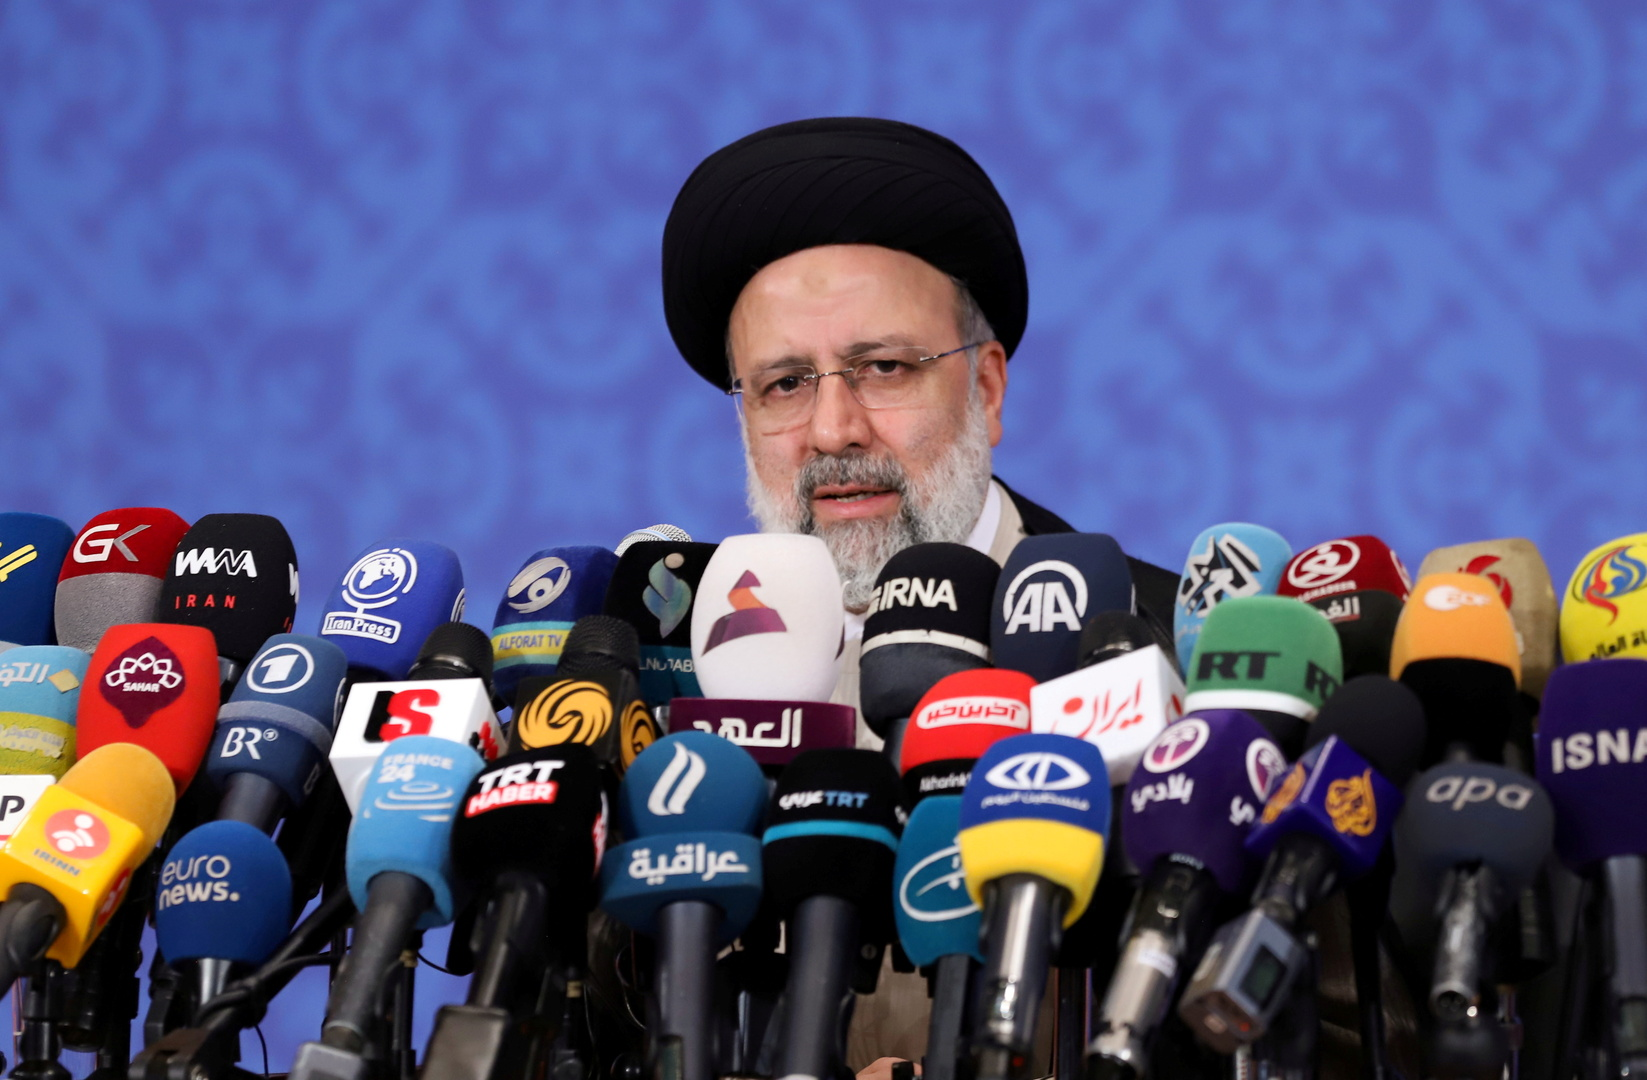 الأمم المتحدة تدعو إلى تحقيق مستقل بإعدام آلاف السجناء السياسيين عام 1988 في إيران